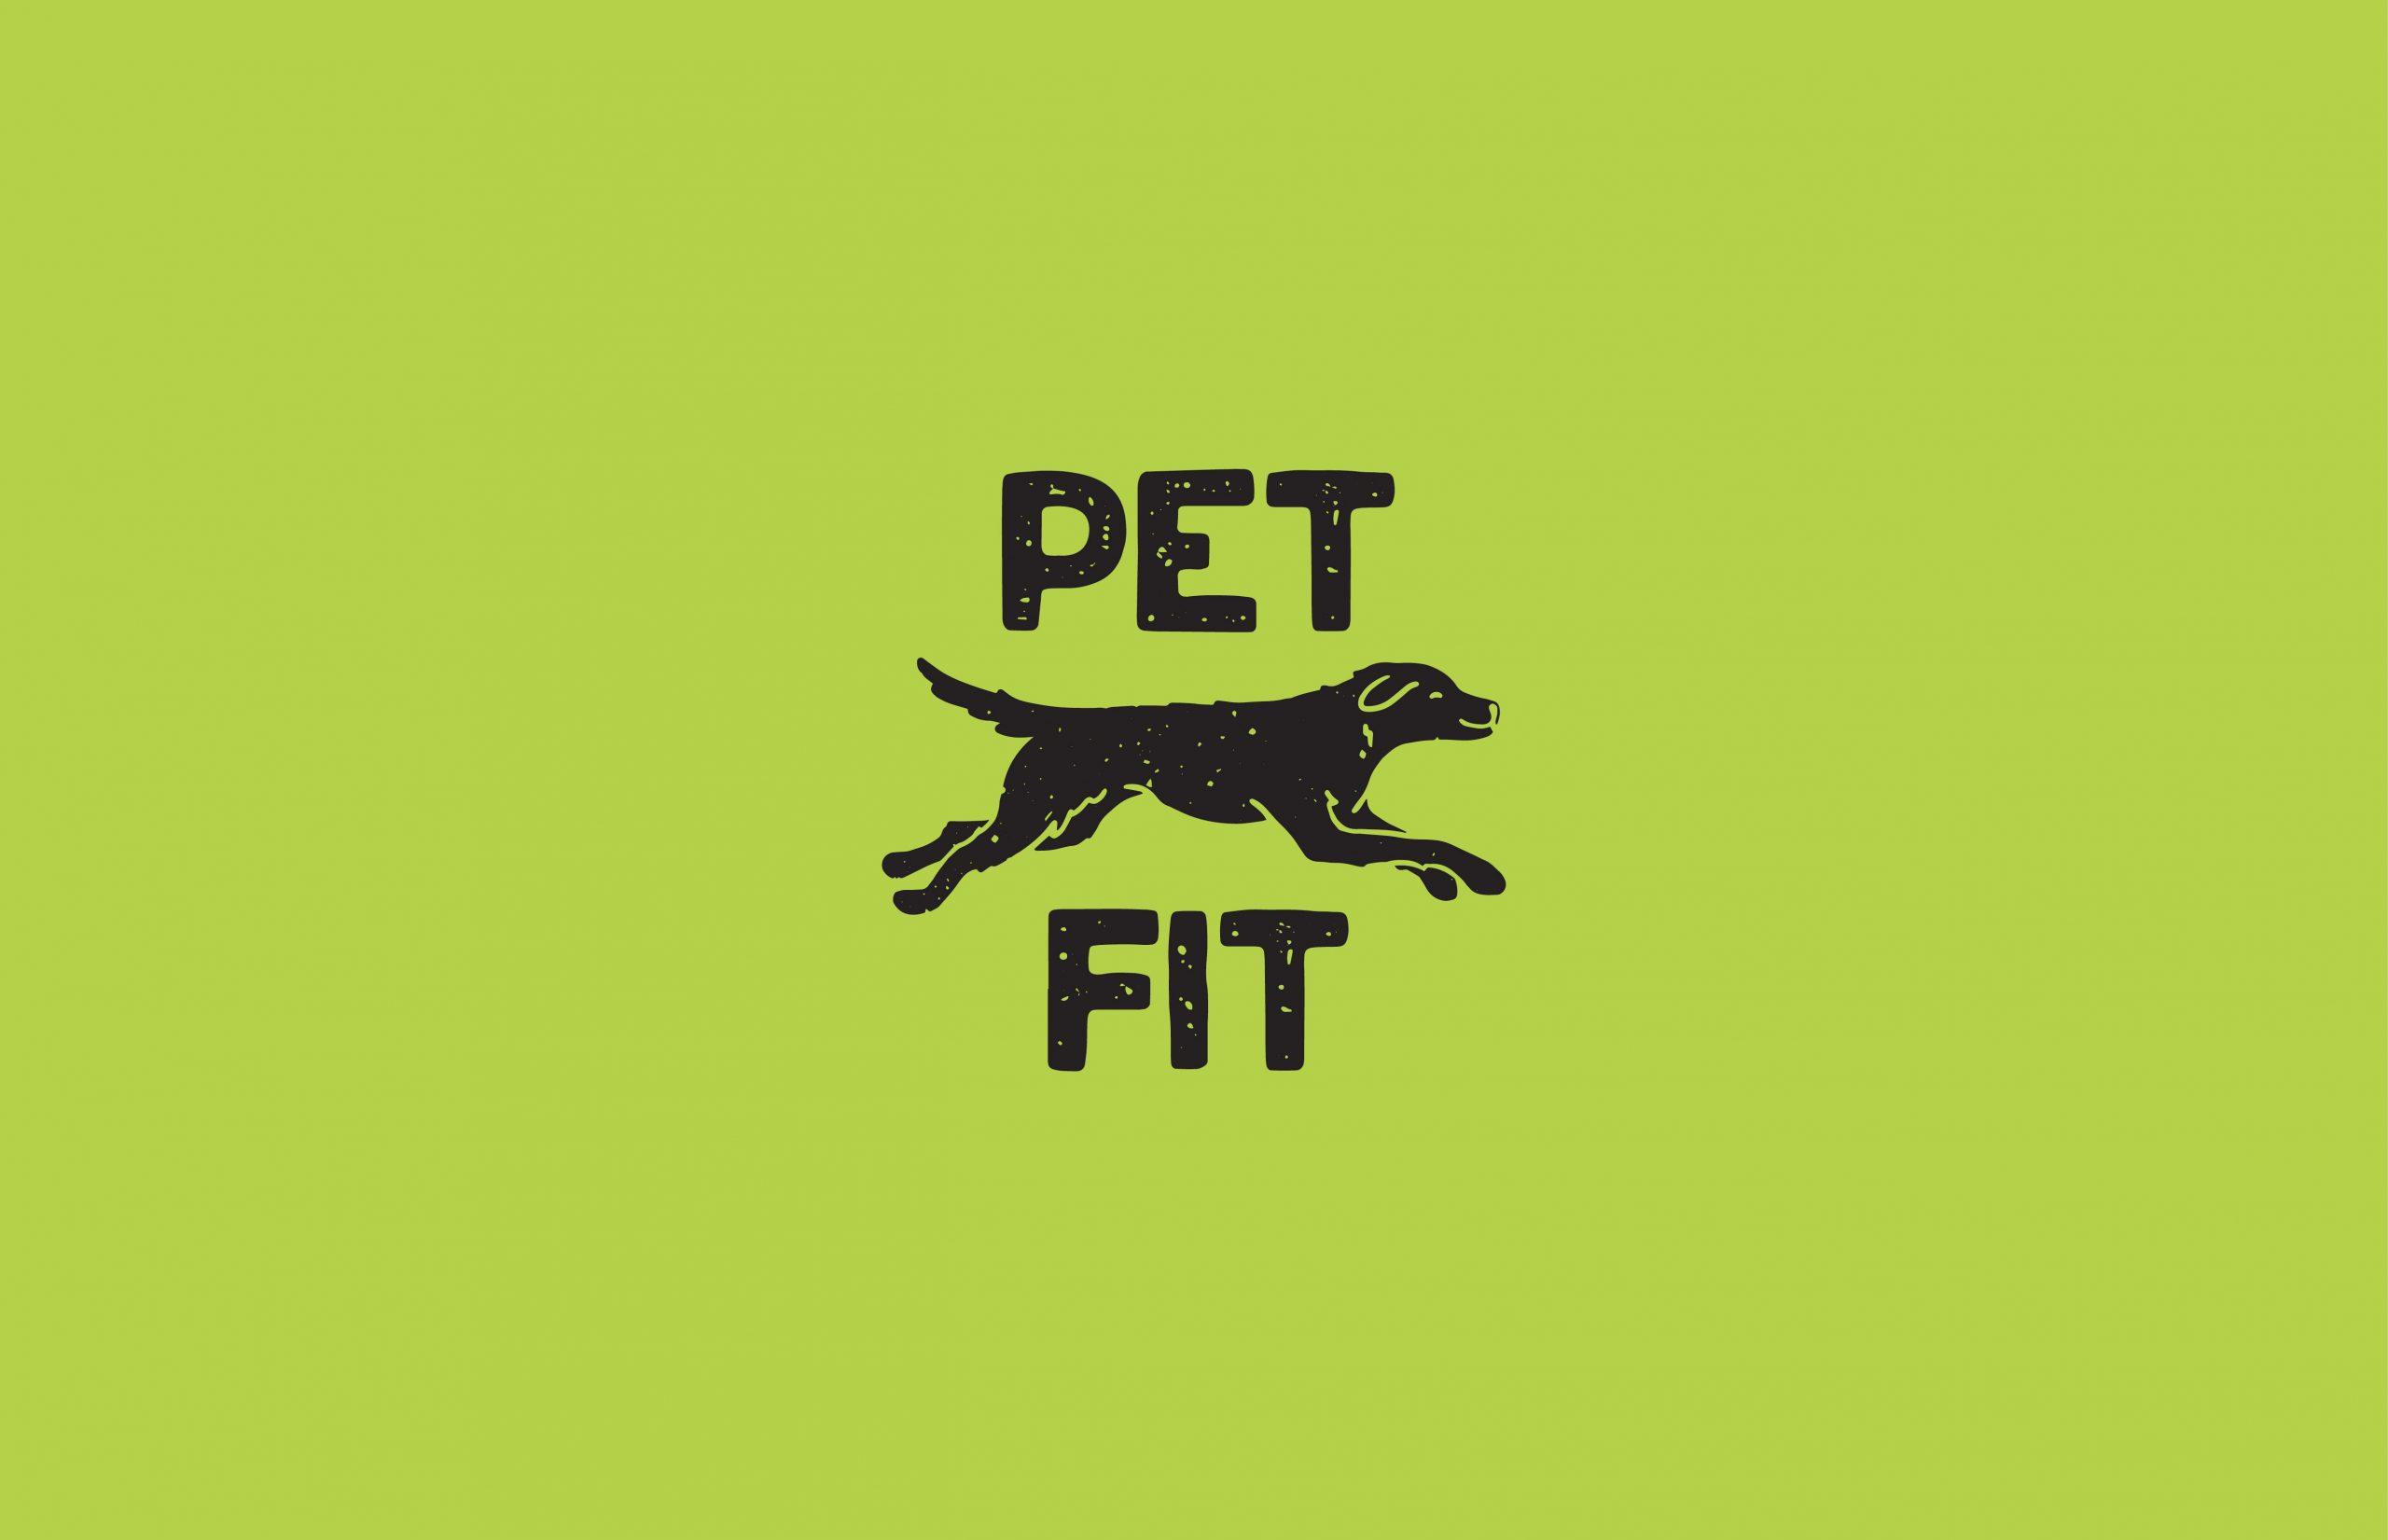 Pet Fit logo